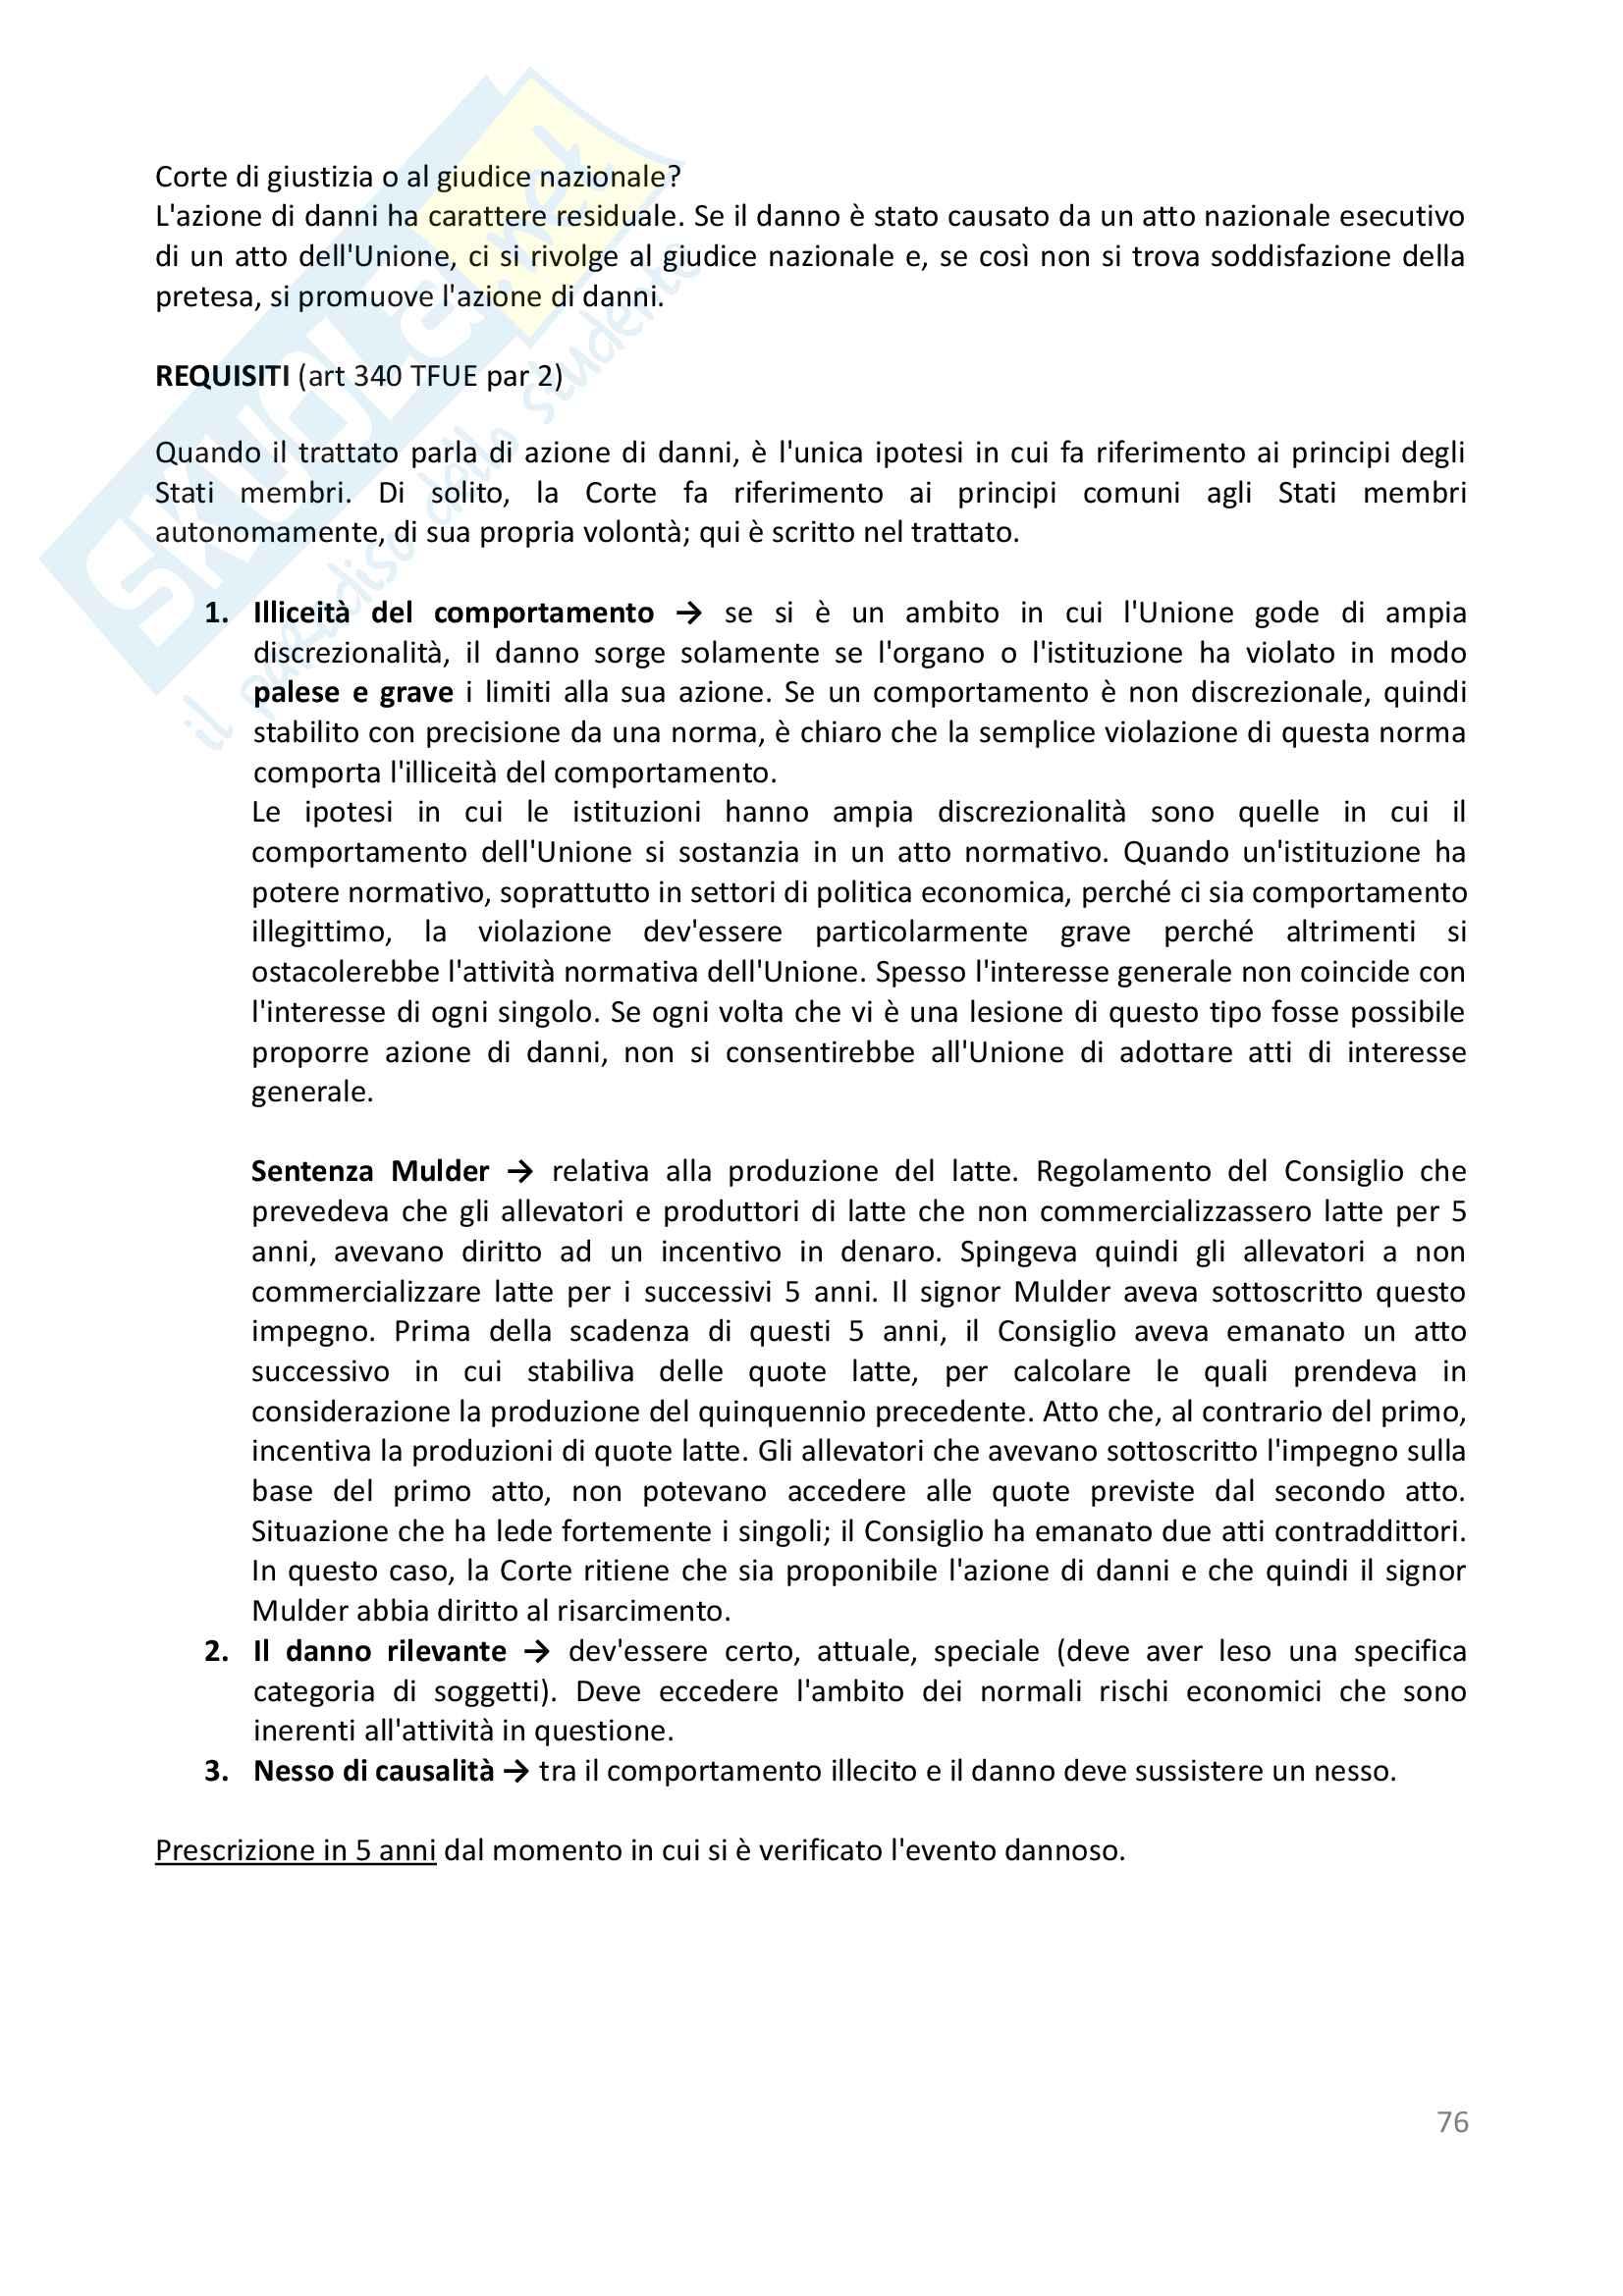 Appunti - Diritto dell'Unione Europea Pag. 76